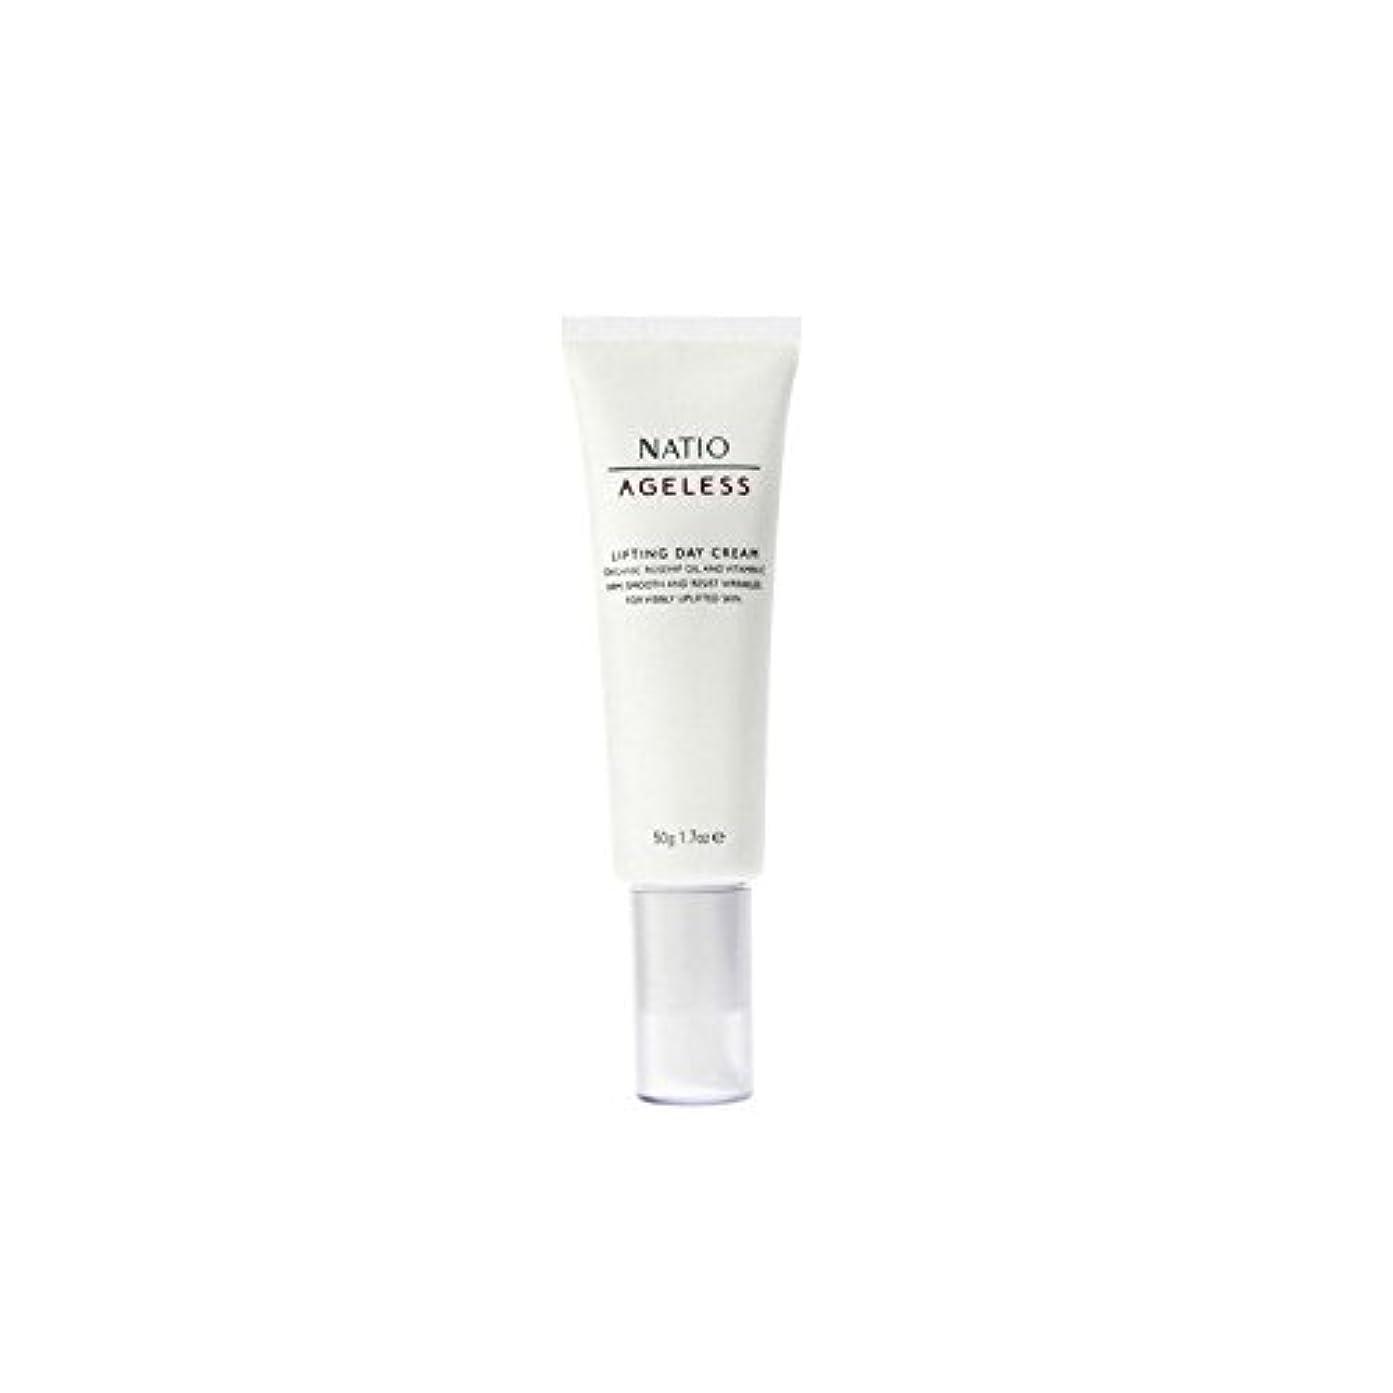 肘耐えられる繰り返すNatio Ageless Lifting Day Cream (50G) (Pack of 6) - 永遠リフティングデイクリーム(50グラム) x6 [並行輸入品]